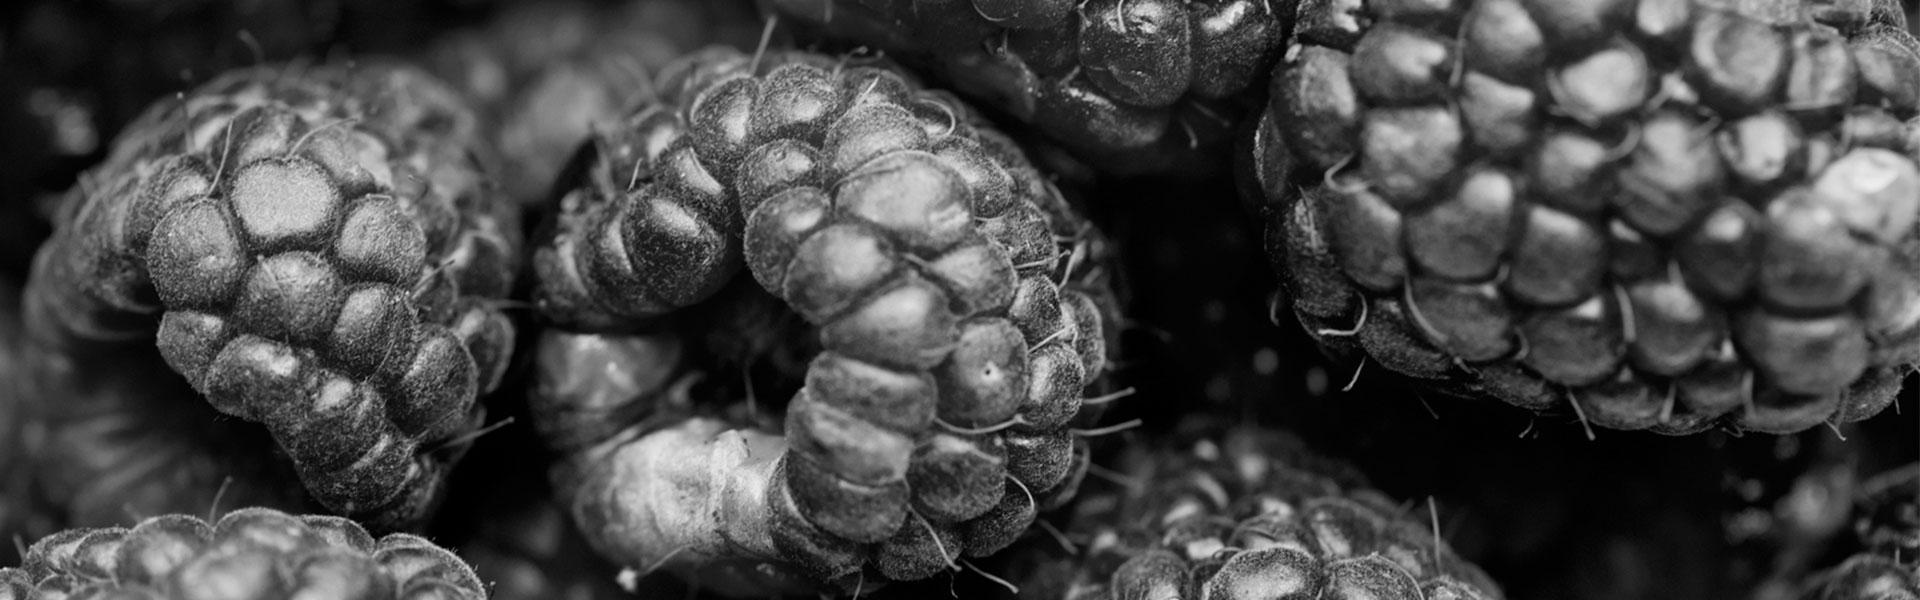 IQF fruit - deep-frozen blackberry